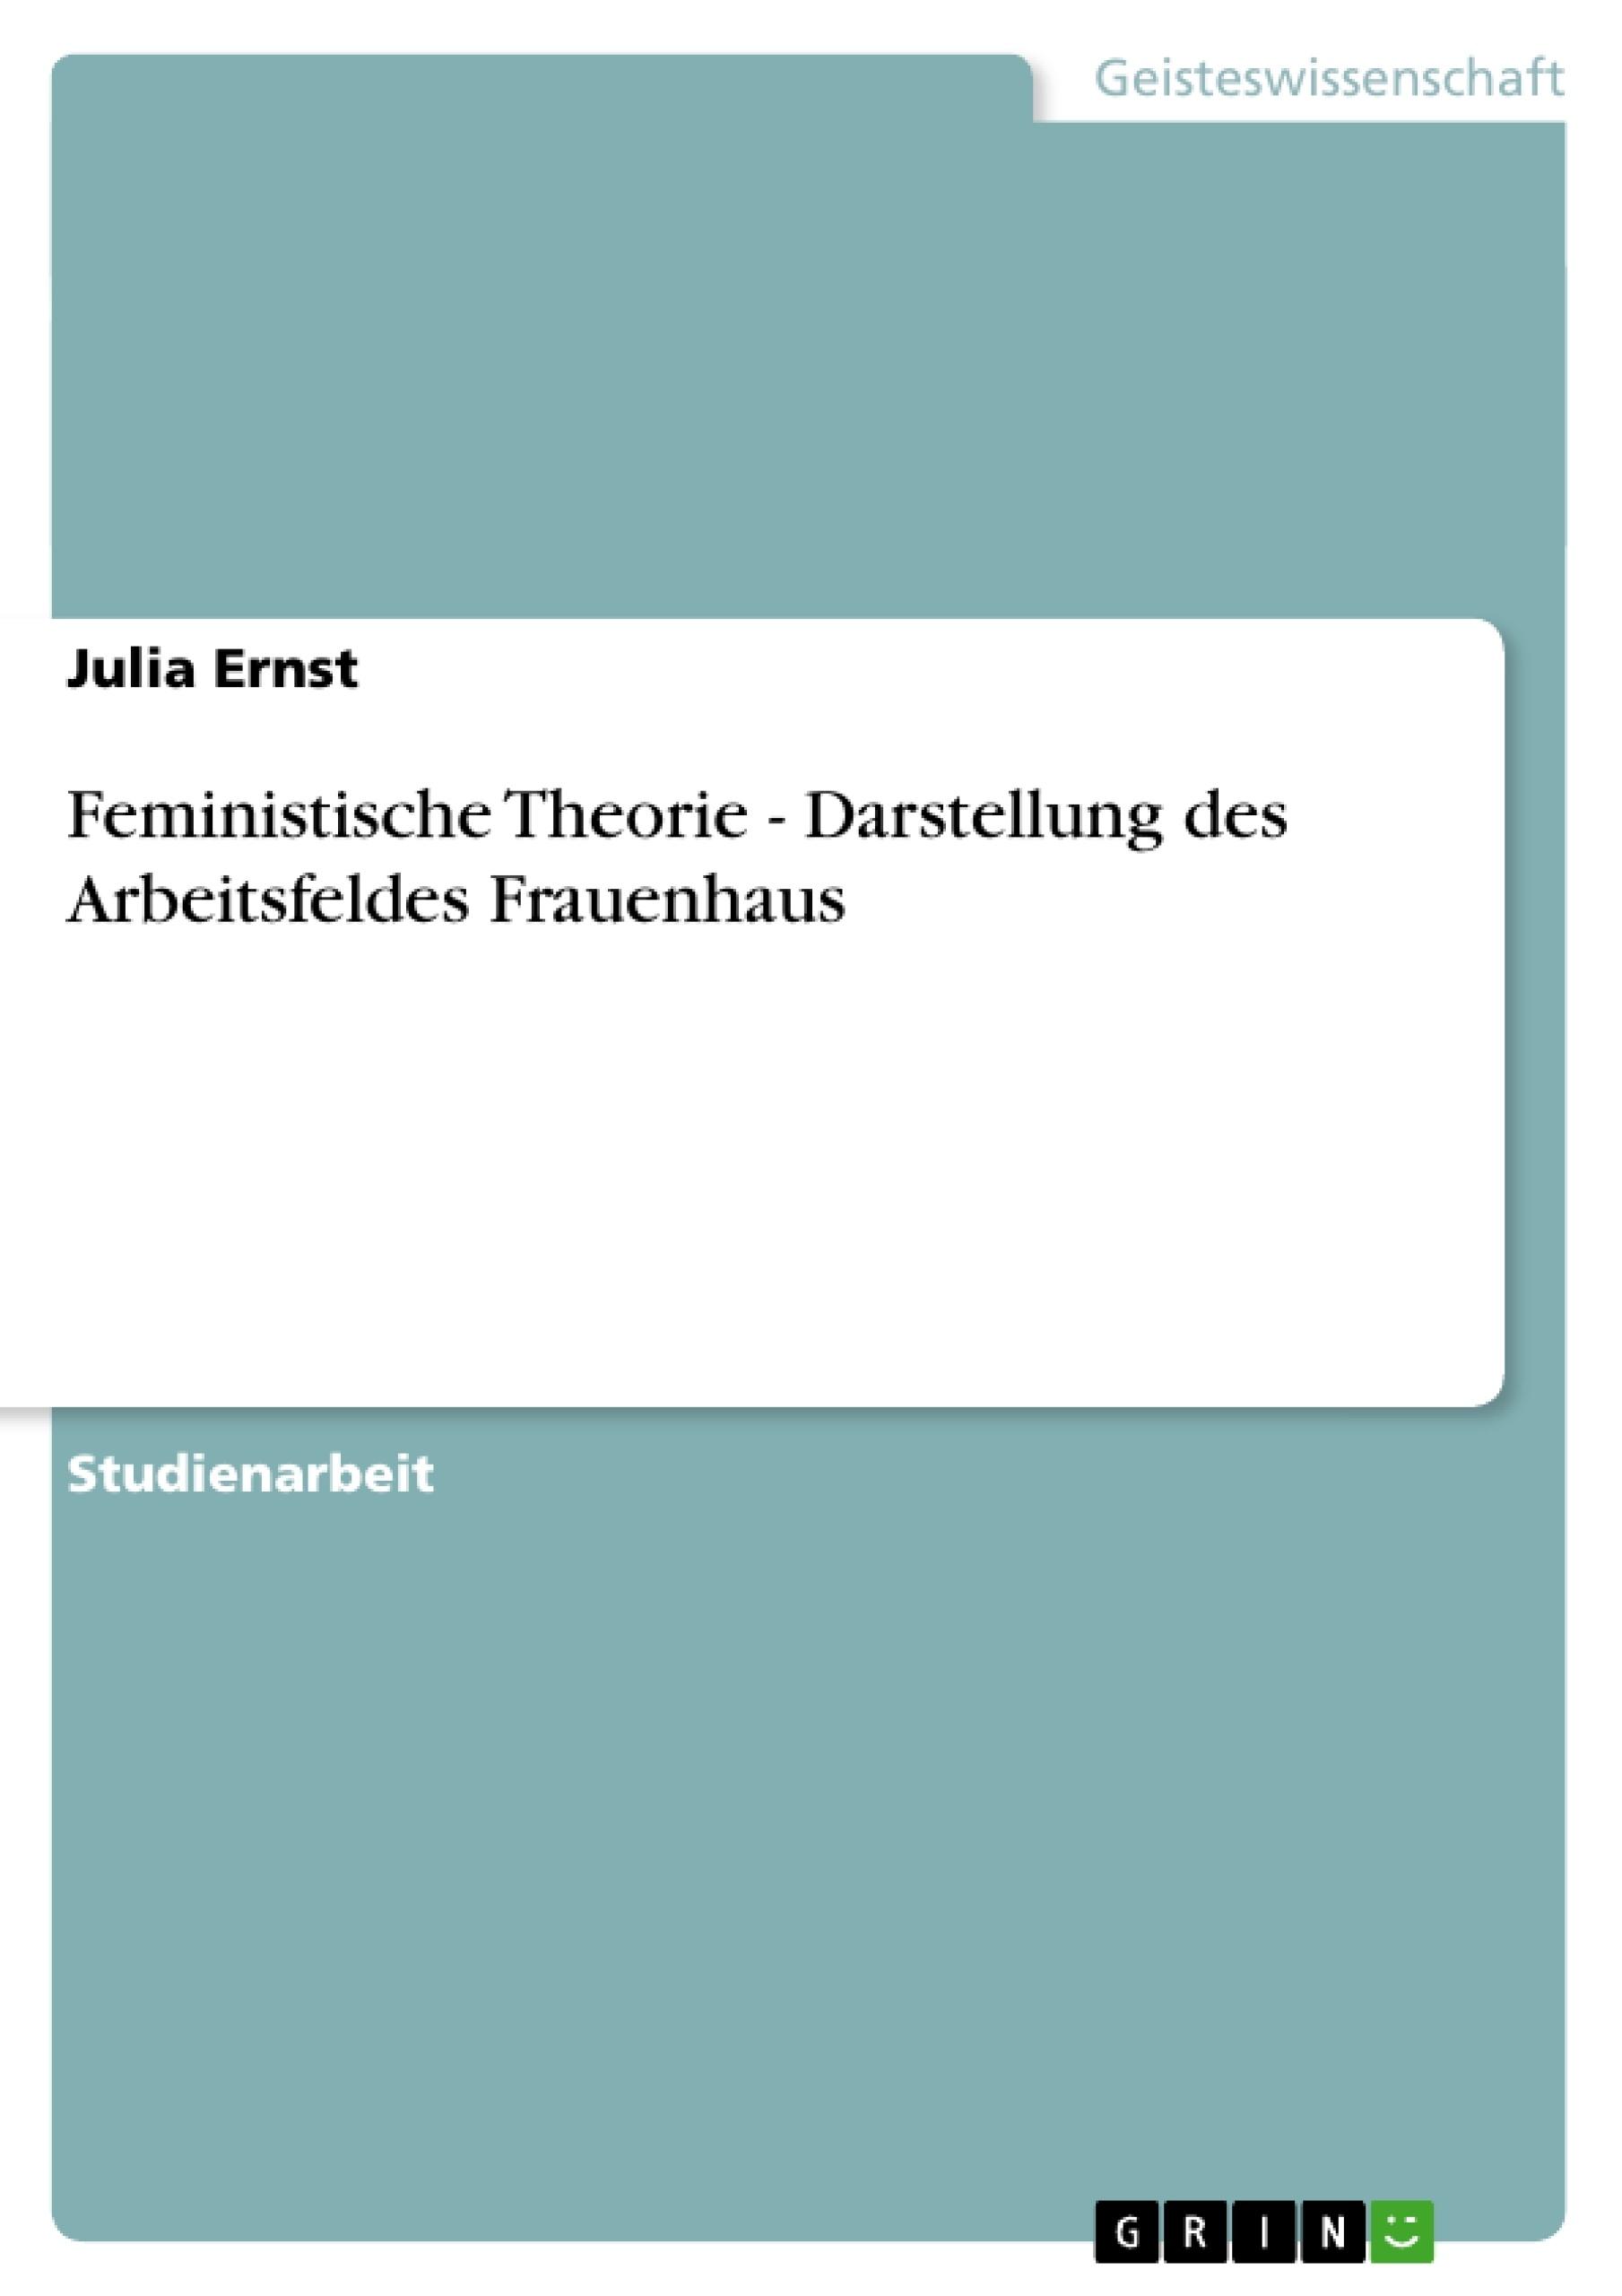 Titel: Feministische Theorie - Darstellung des Arbeitsfeldes Frauenhaus